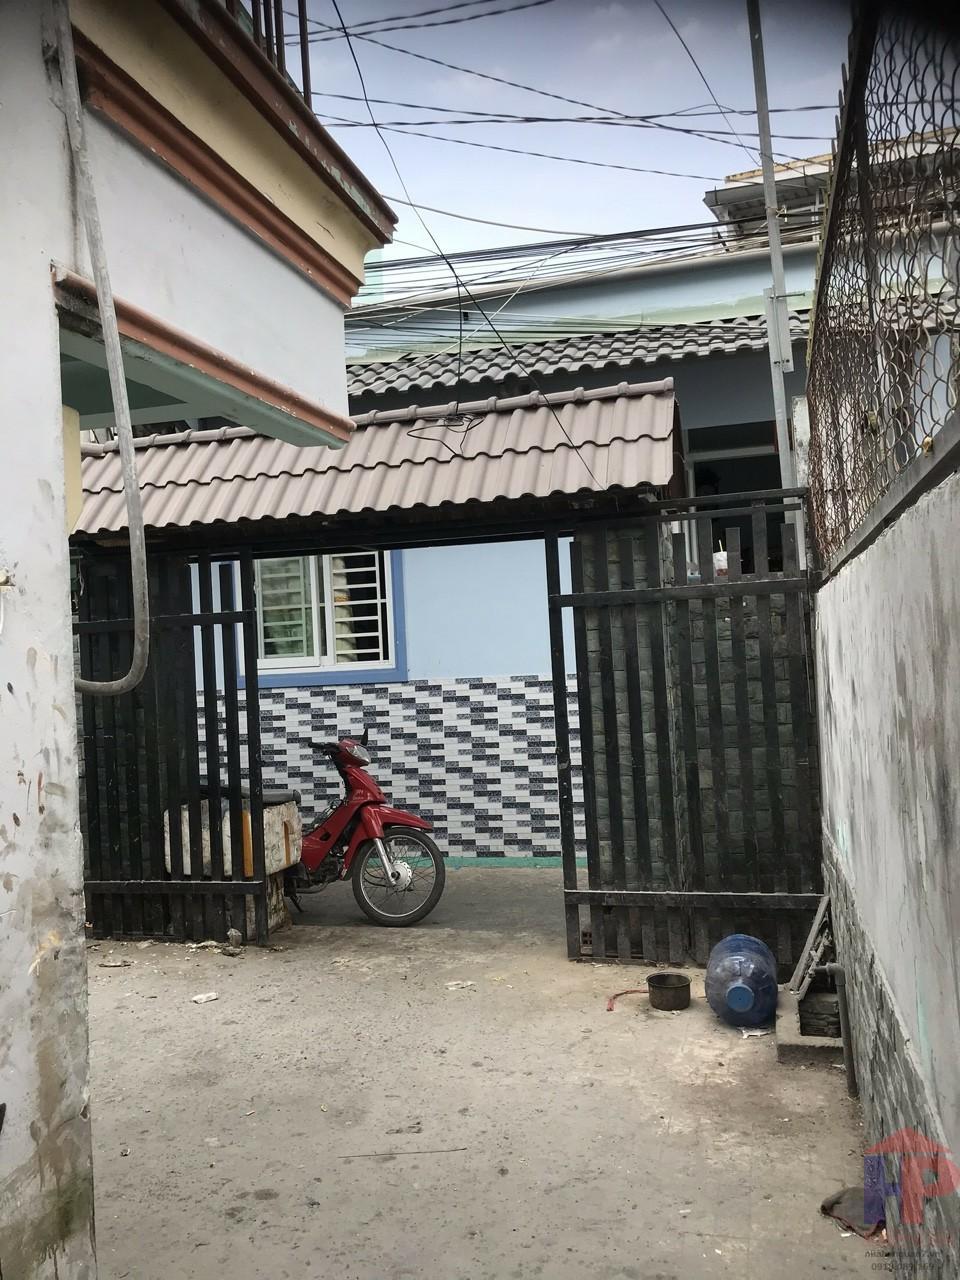 Bán nhà hẻm 1716 Huỳnh Tấn Phát Nhà Bè, DT 5x33m, giá 3.25 tỷ